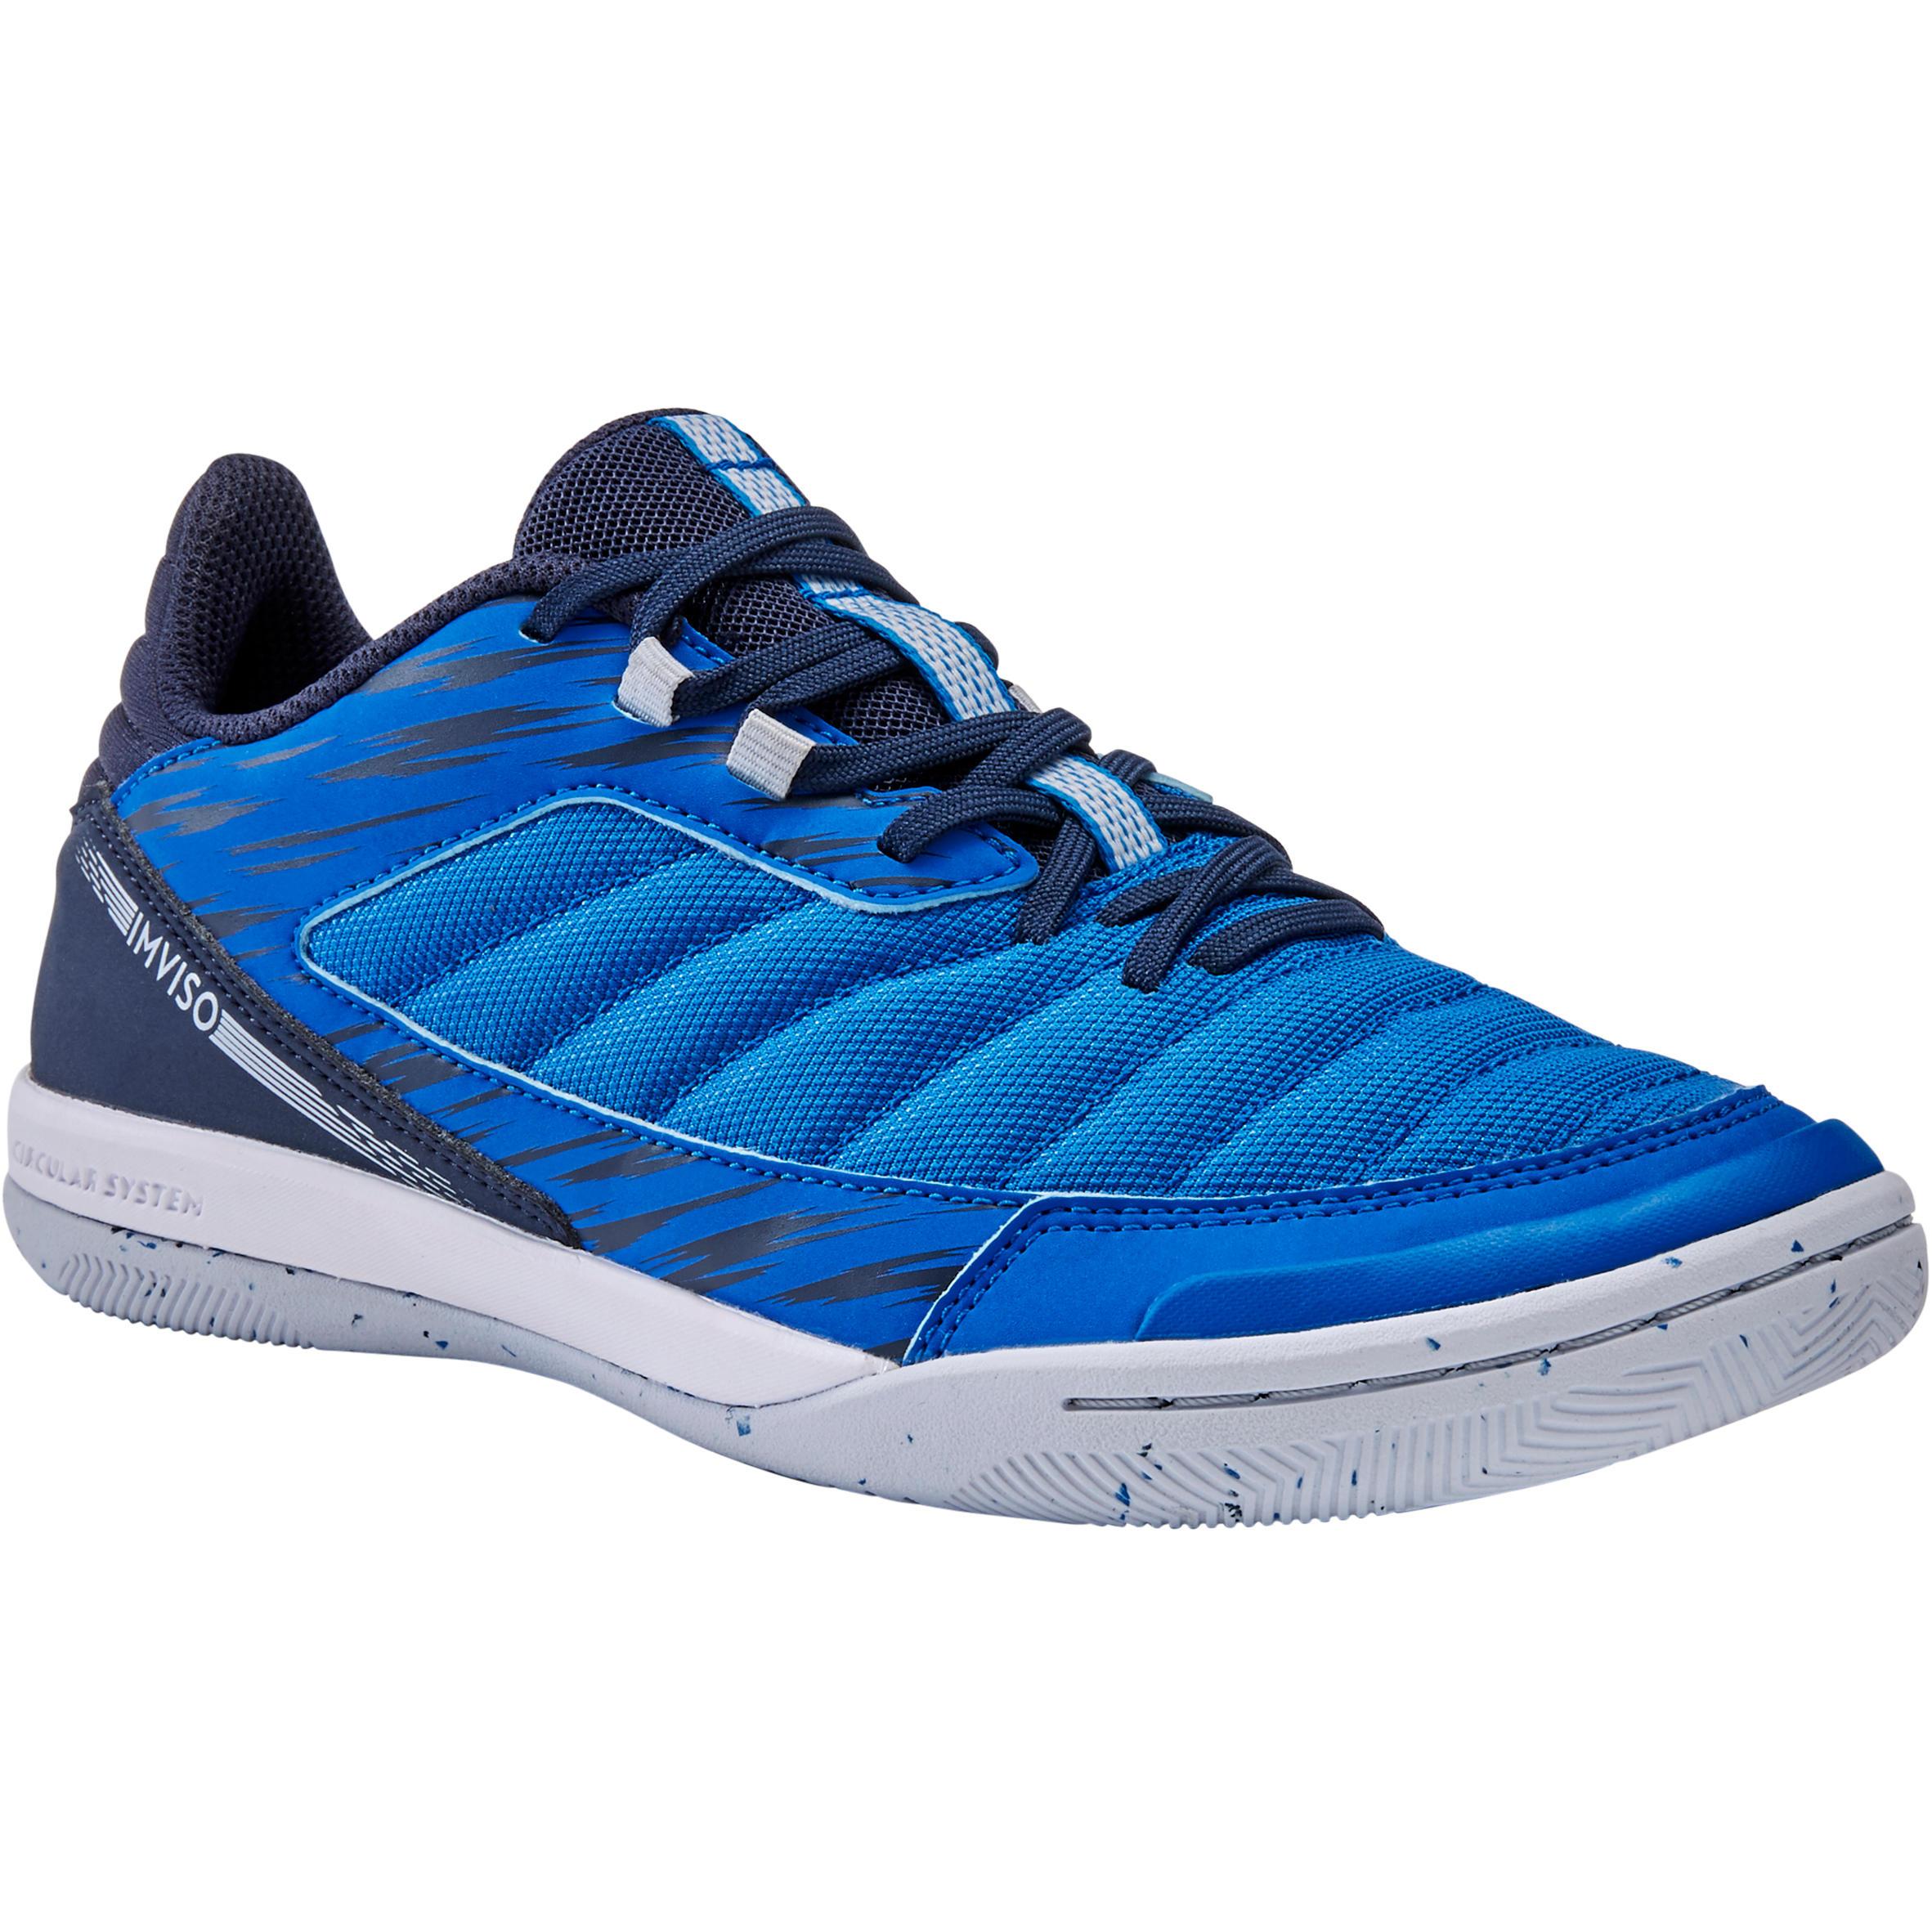 Hallenschuhe Futsal Eskudo 500 IN Damen blau/grau | Schuhe > Sportschuhe > Hallenschuhe | Blau - Rosa | Imviso